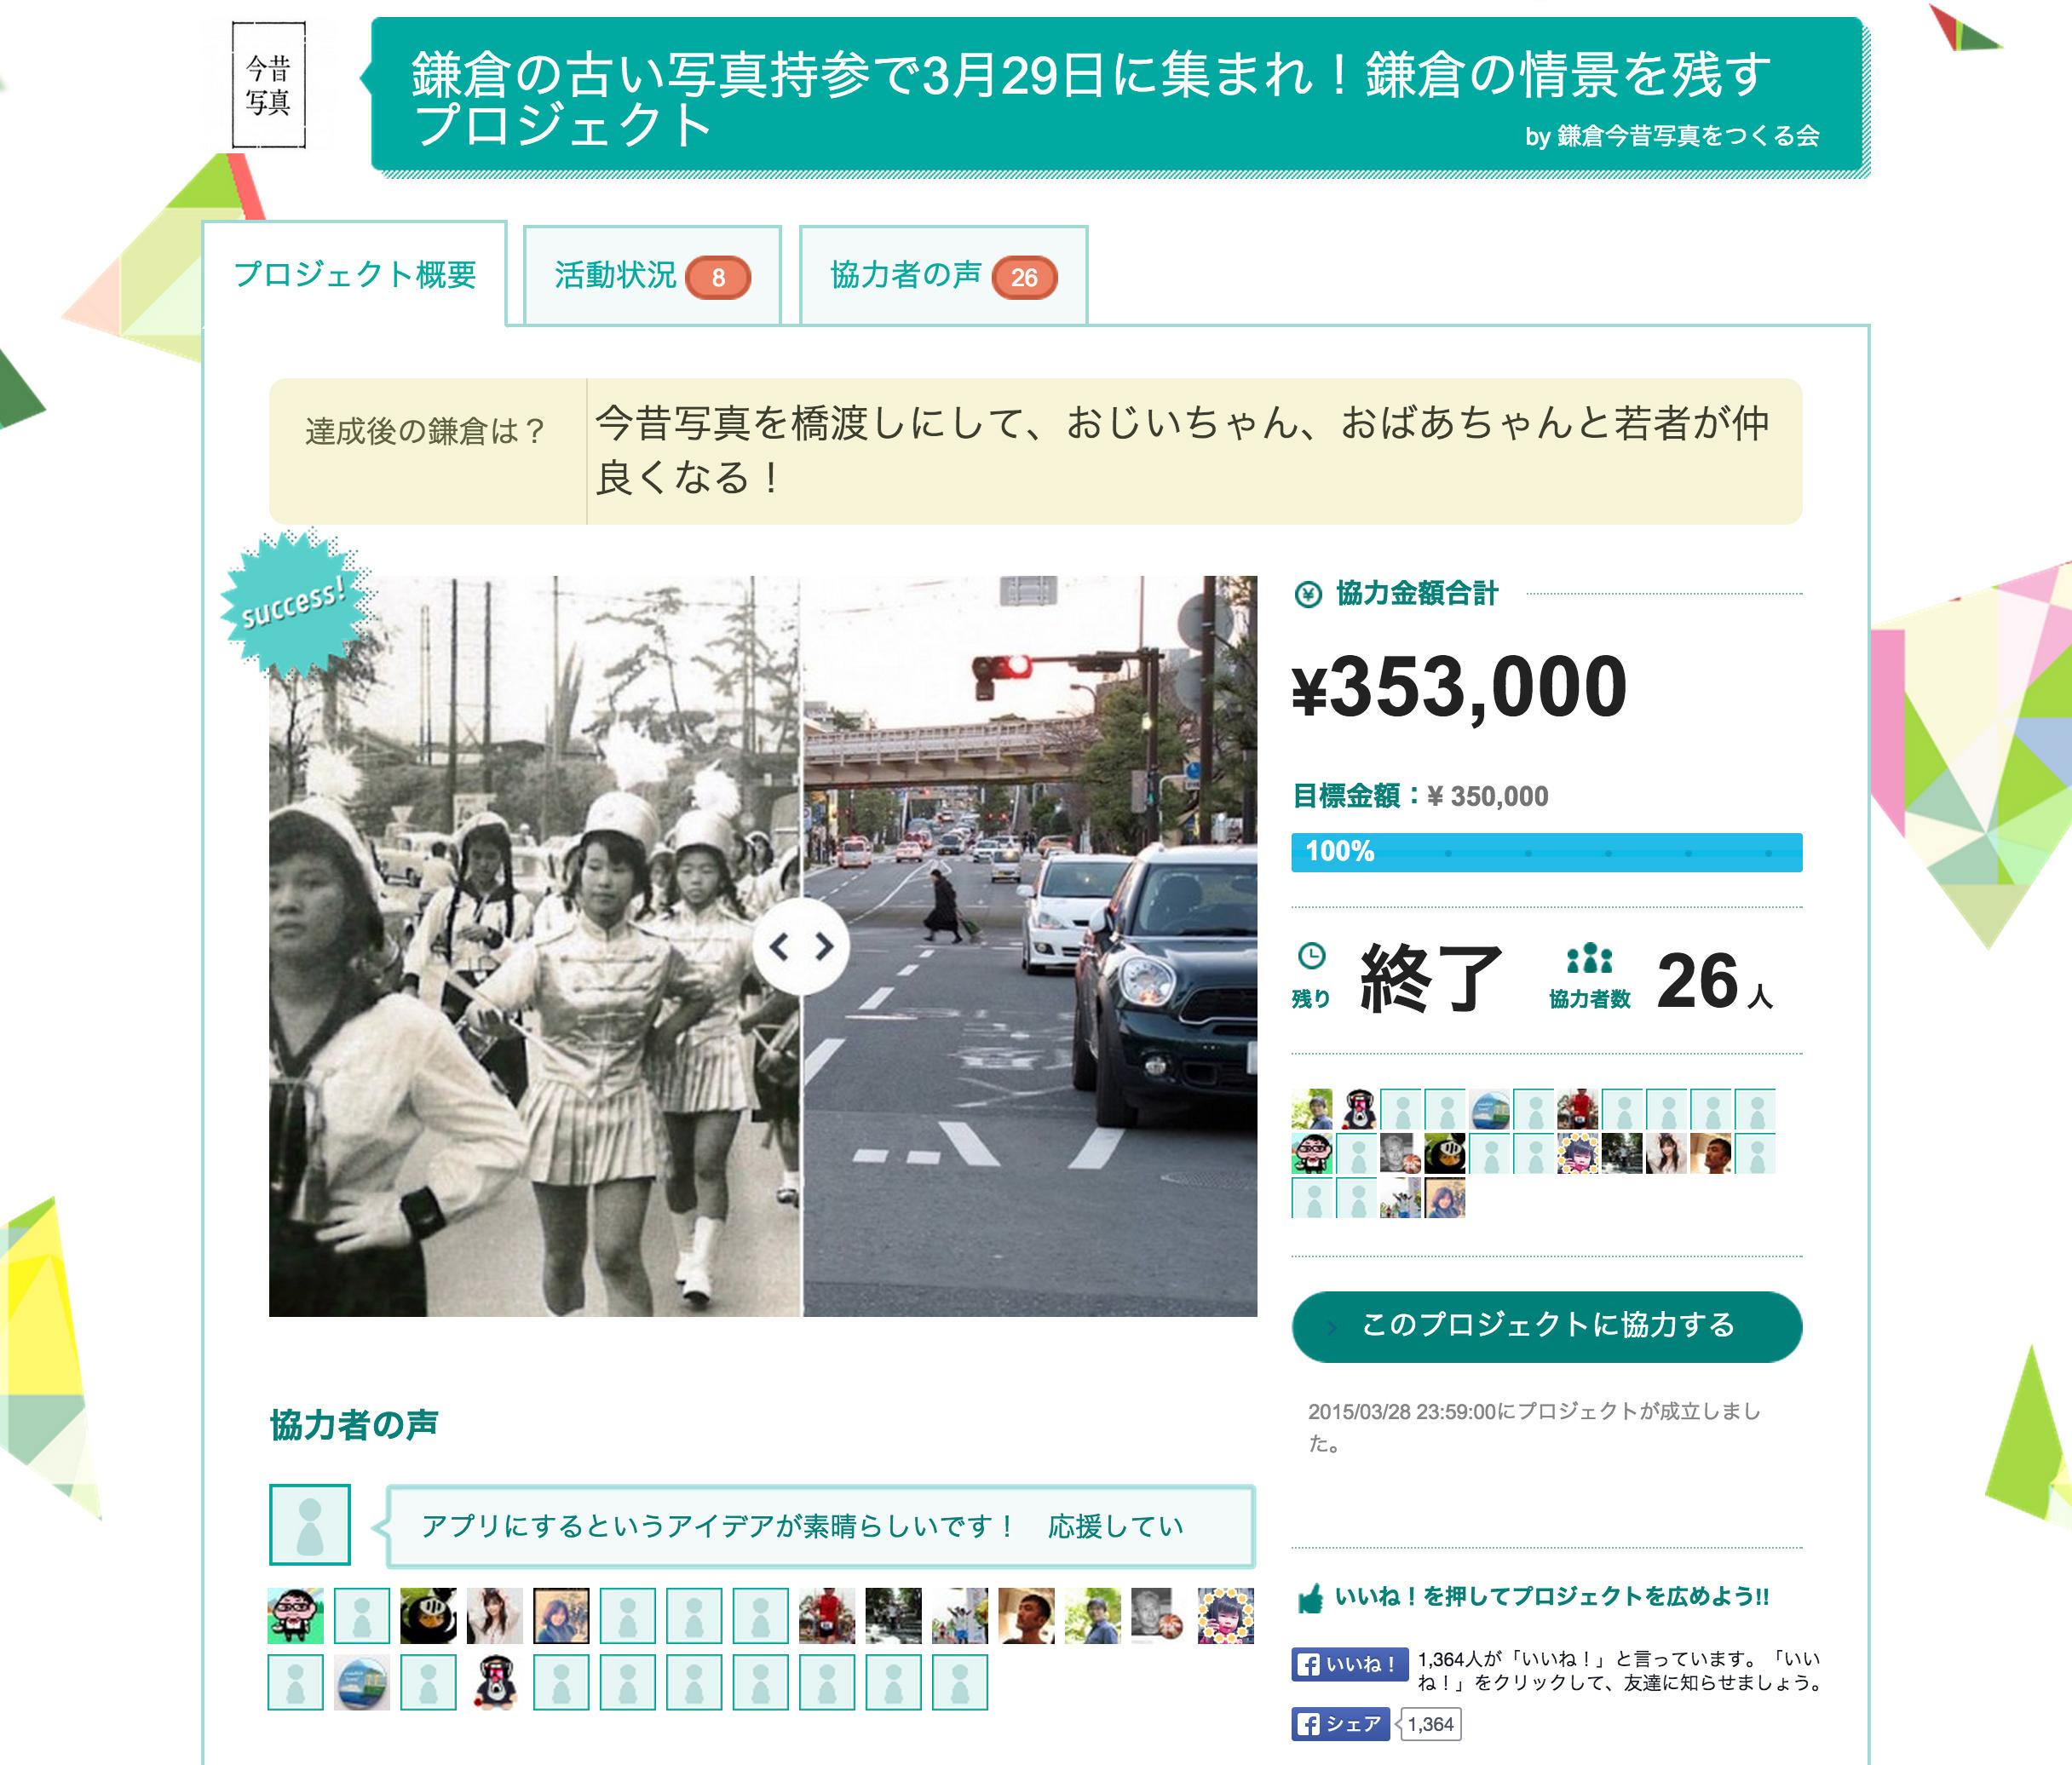 カマコンバレーが運営する鎌倉市限定クラウドファンディングサービス「iikuni」